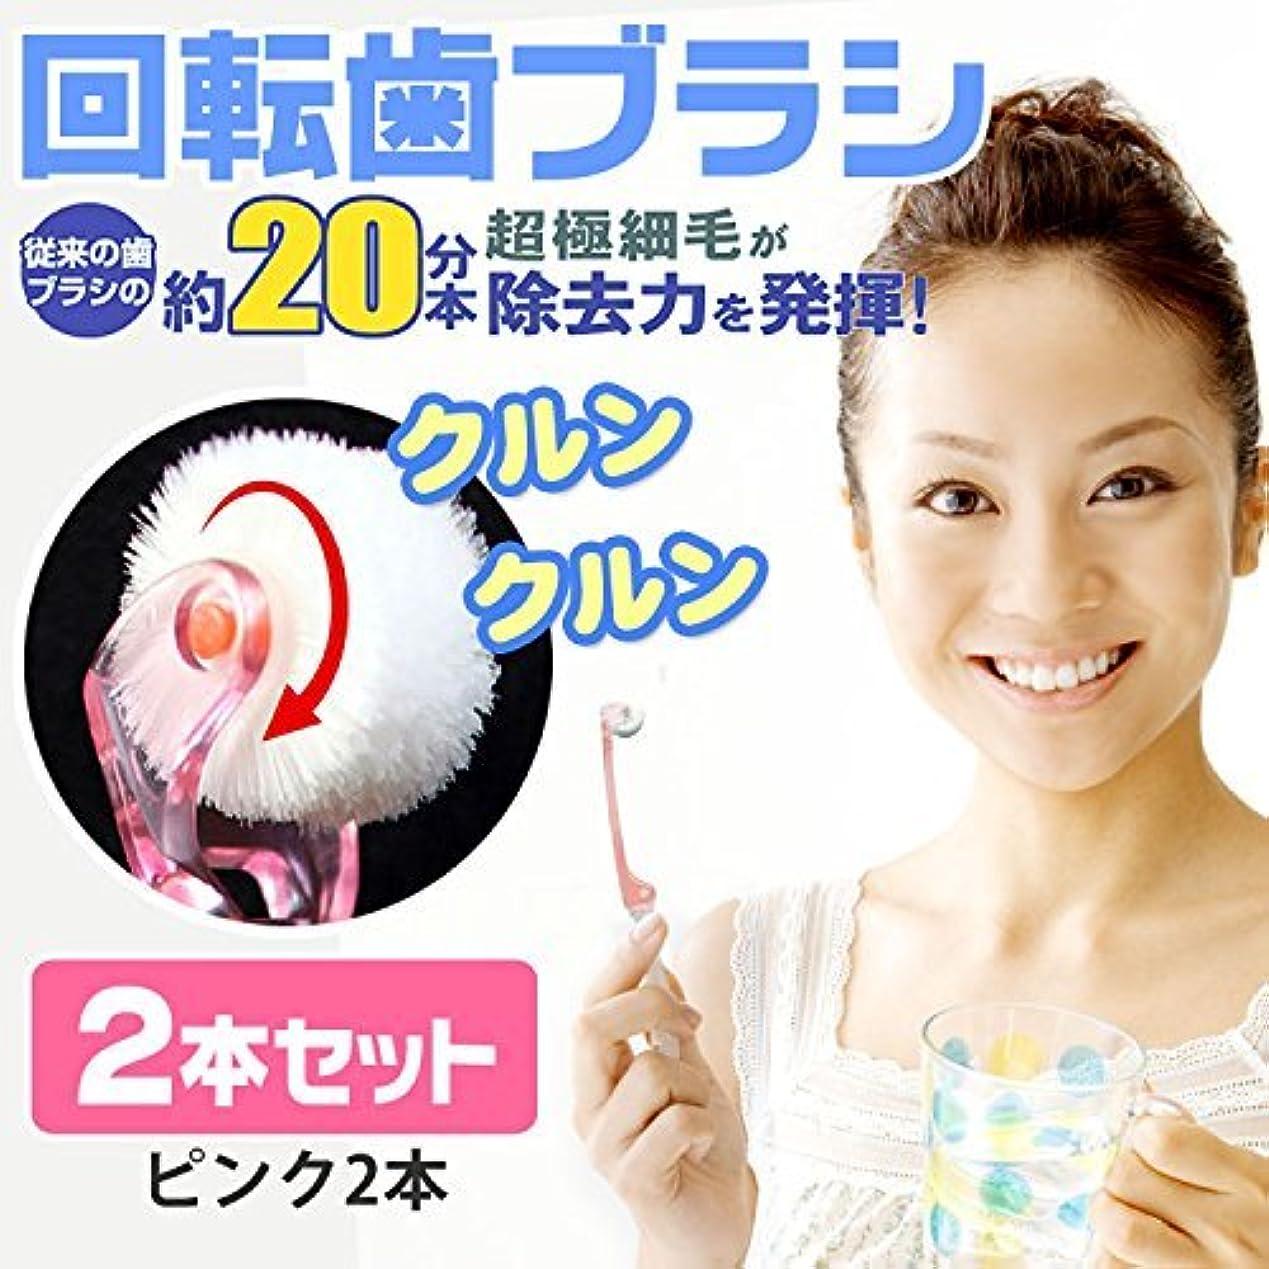 有効バケット透過性Newクルン 吸着回転歯ブラシ◆ピンク2本セット◆ レギュラーヘッド ピンク